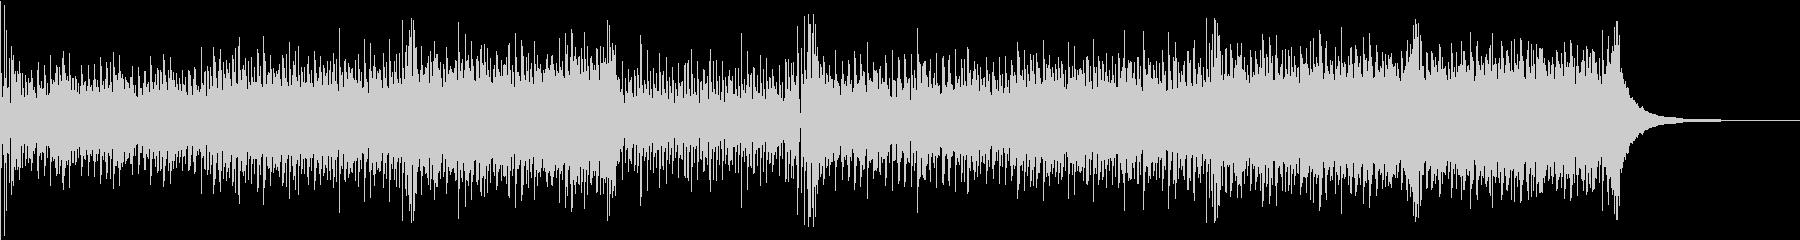 ピアノとアコギが中心の春先ポップスの未再生の波形